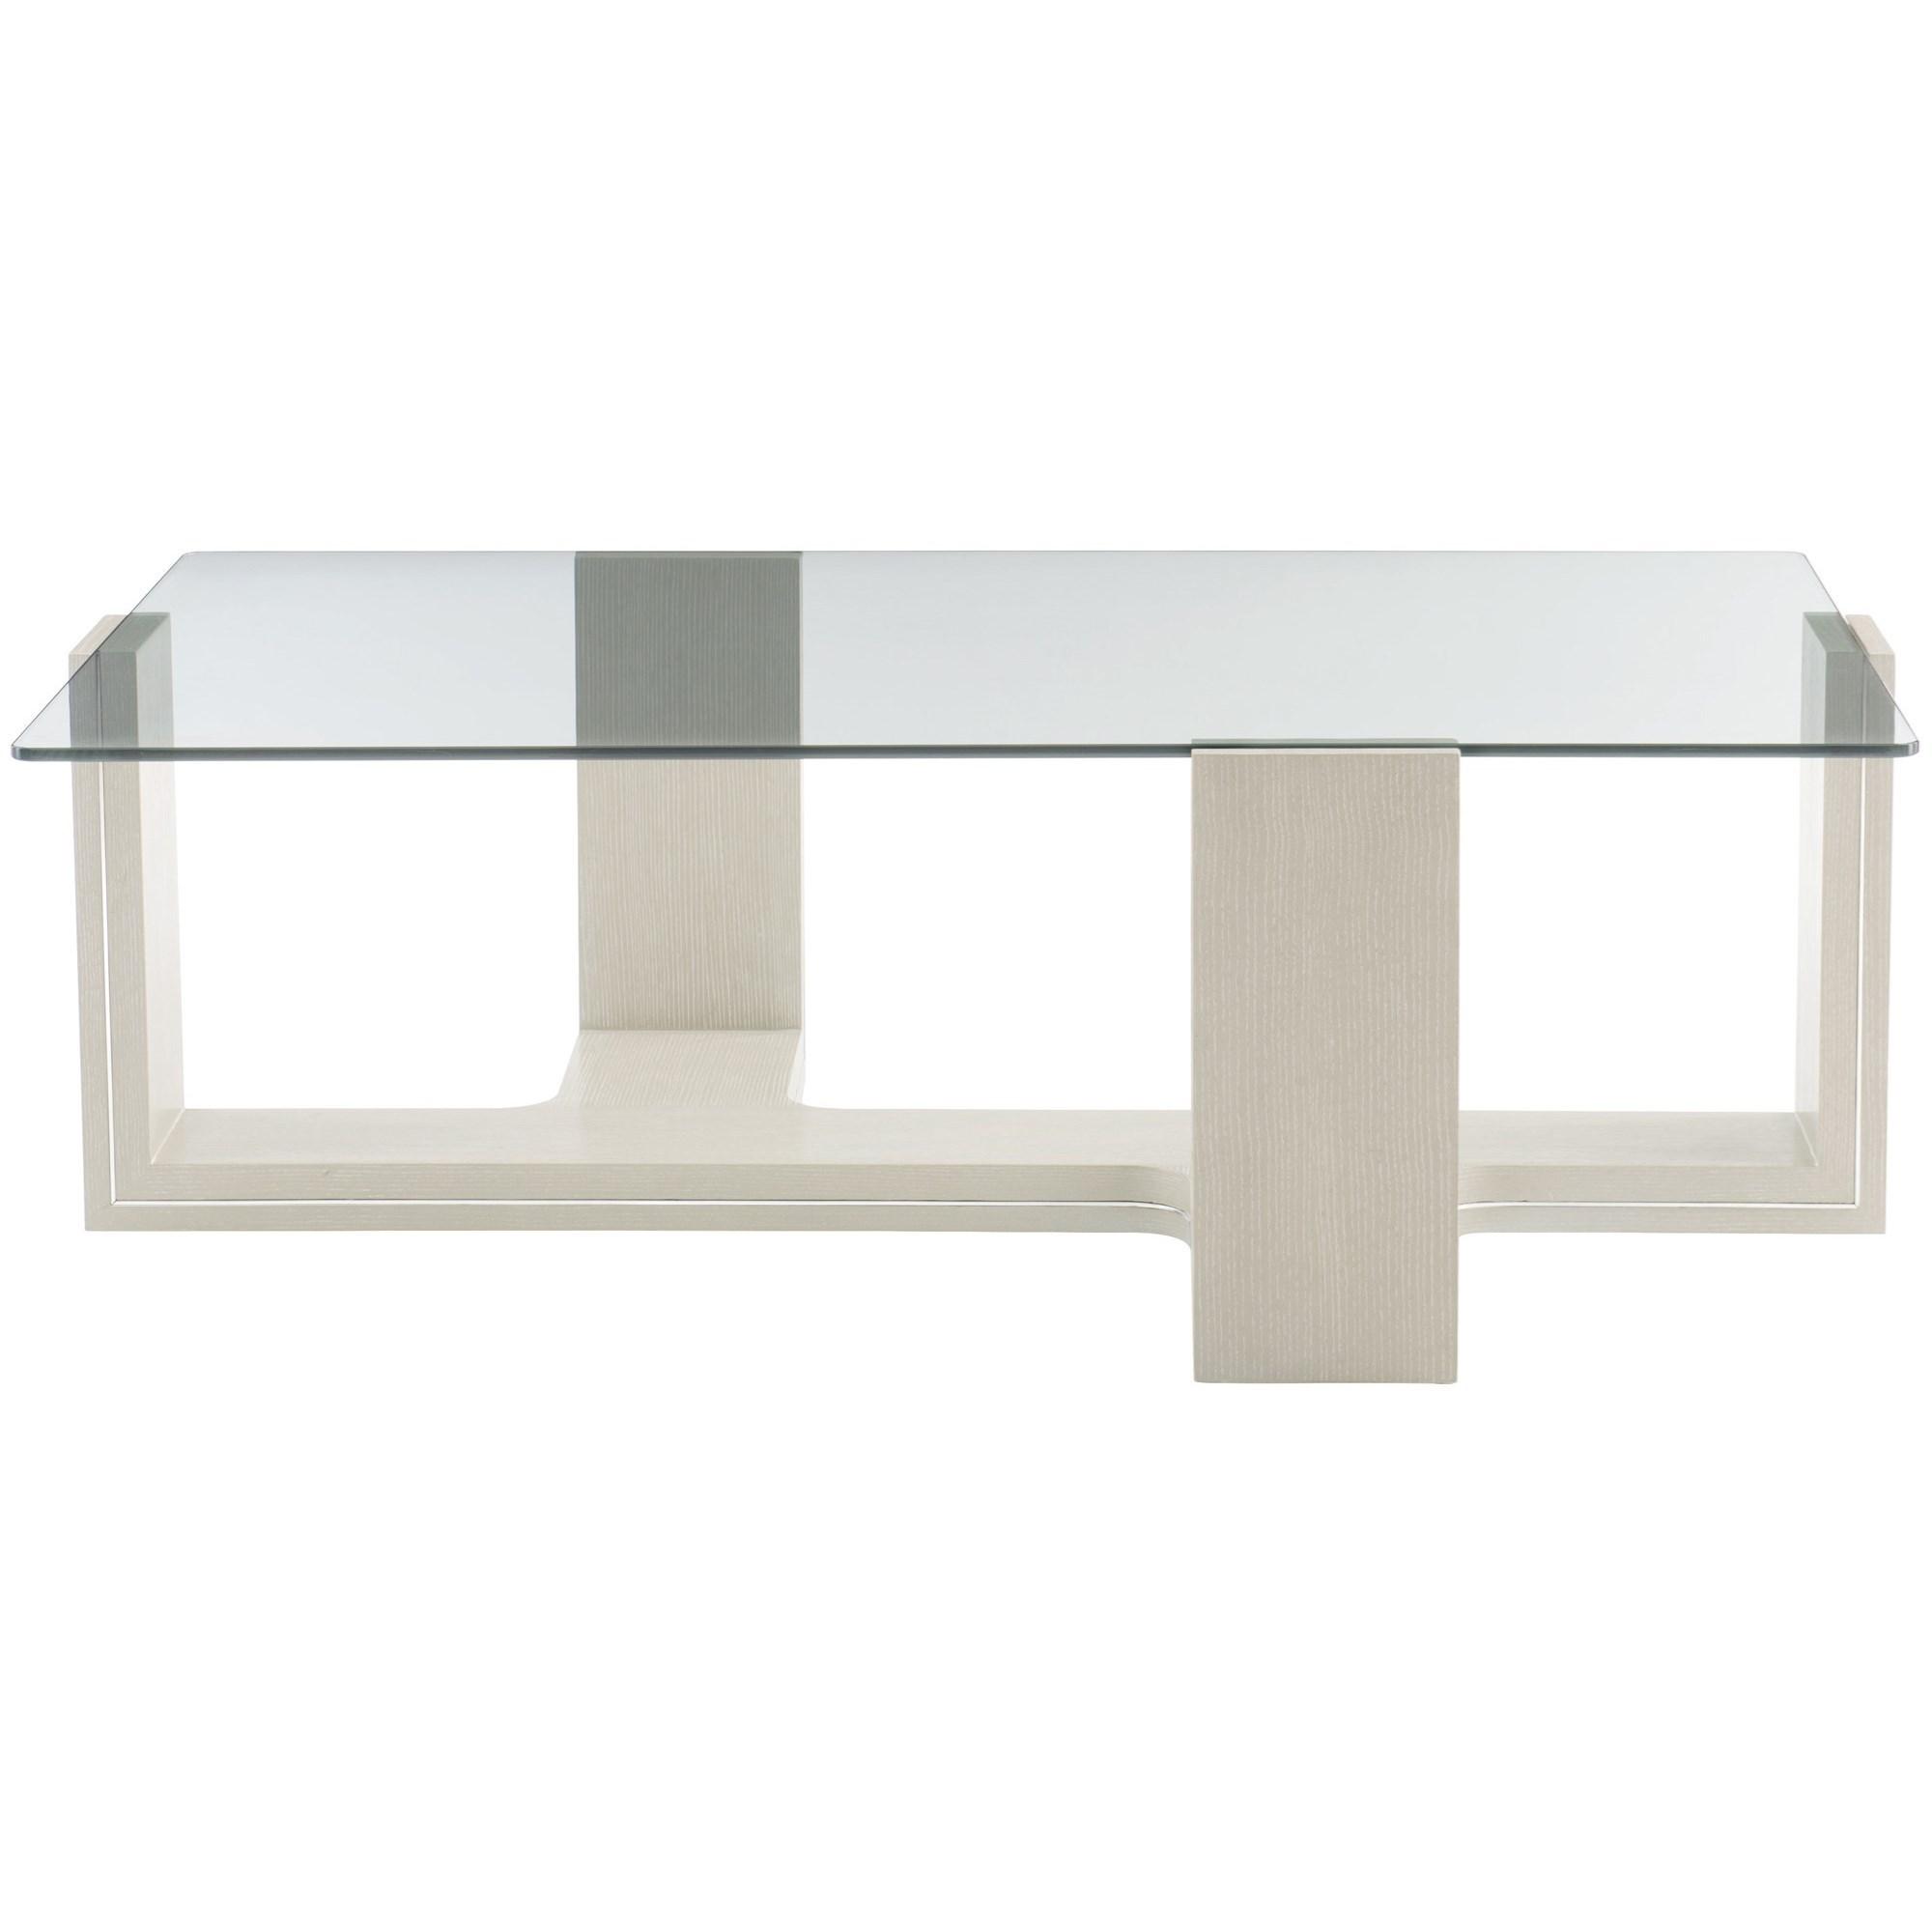 Vesper Cocktail Table by Bernhardt at Baer's Furniture